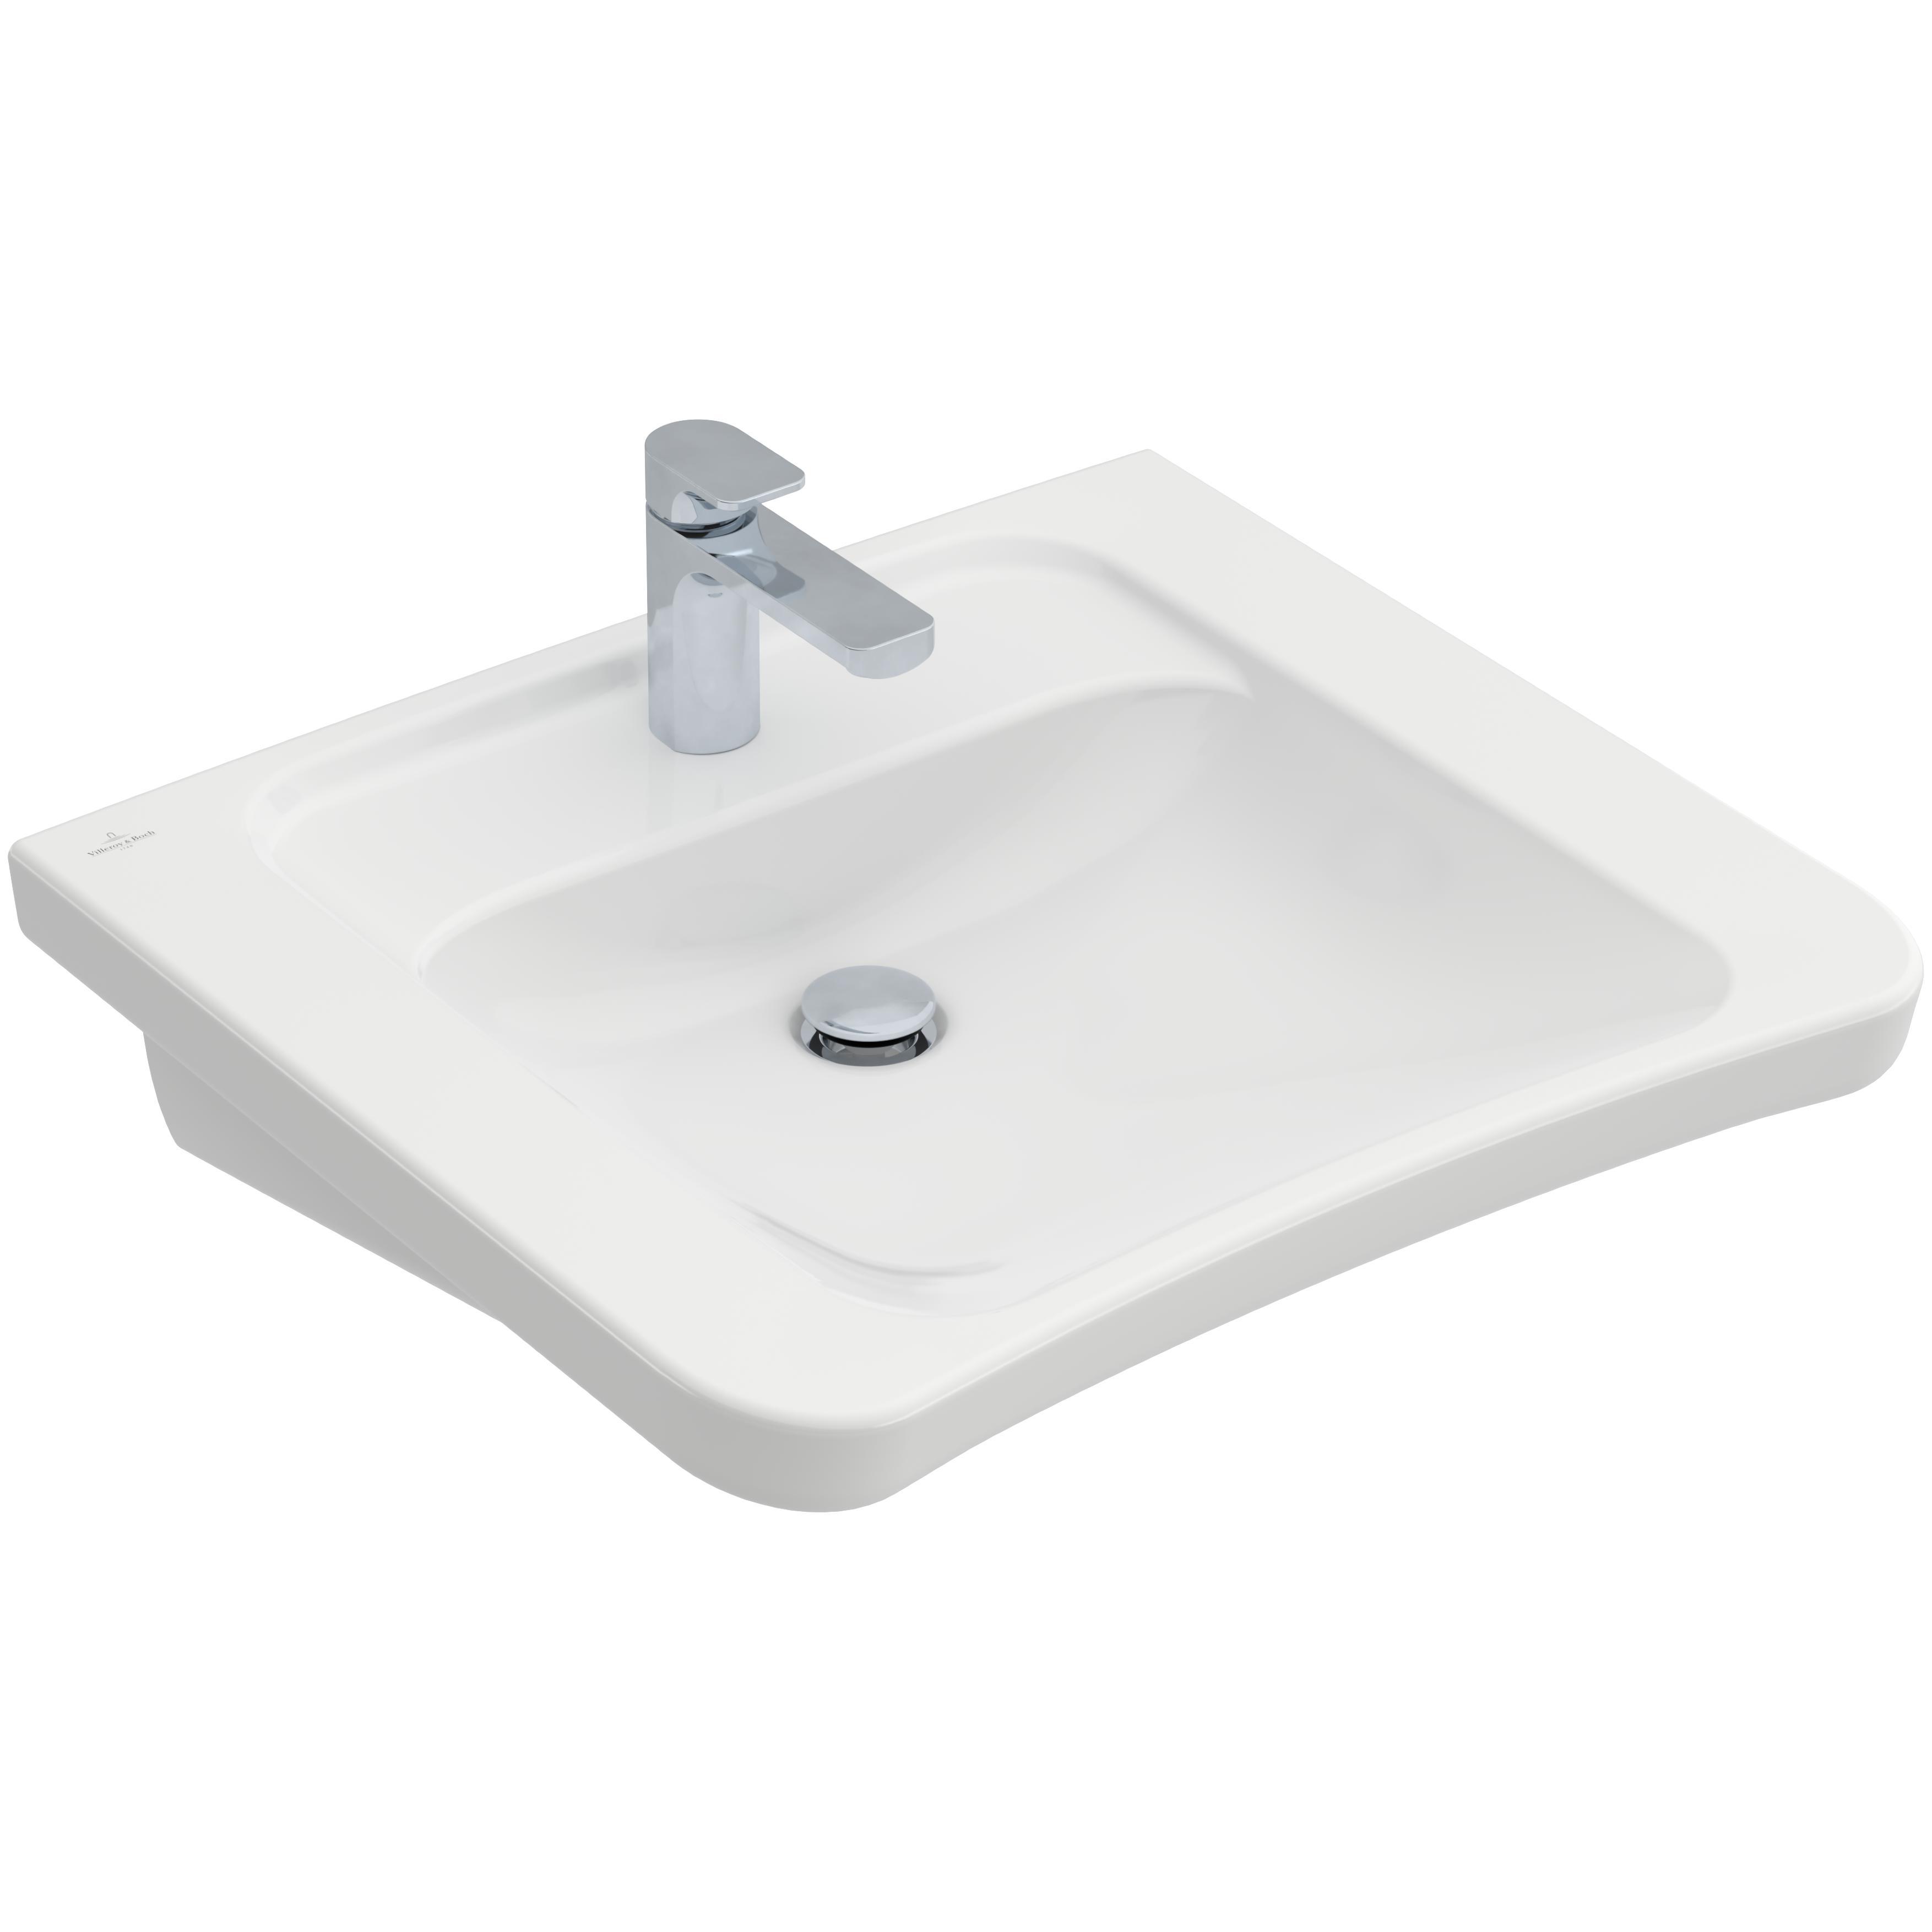 Tvättställ Villeroy & Boch Architectura Vita